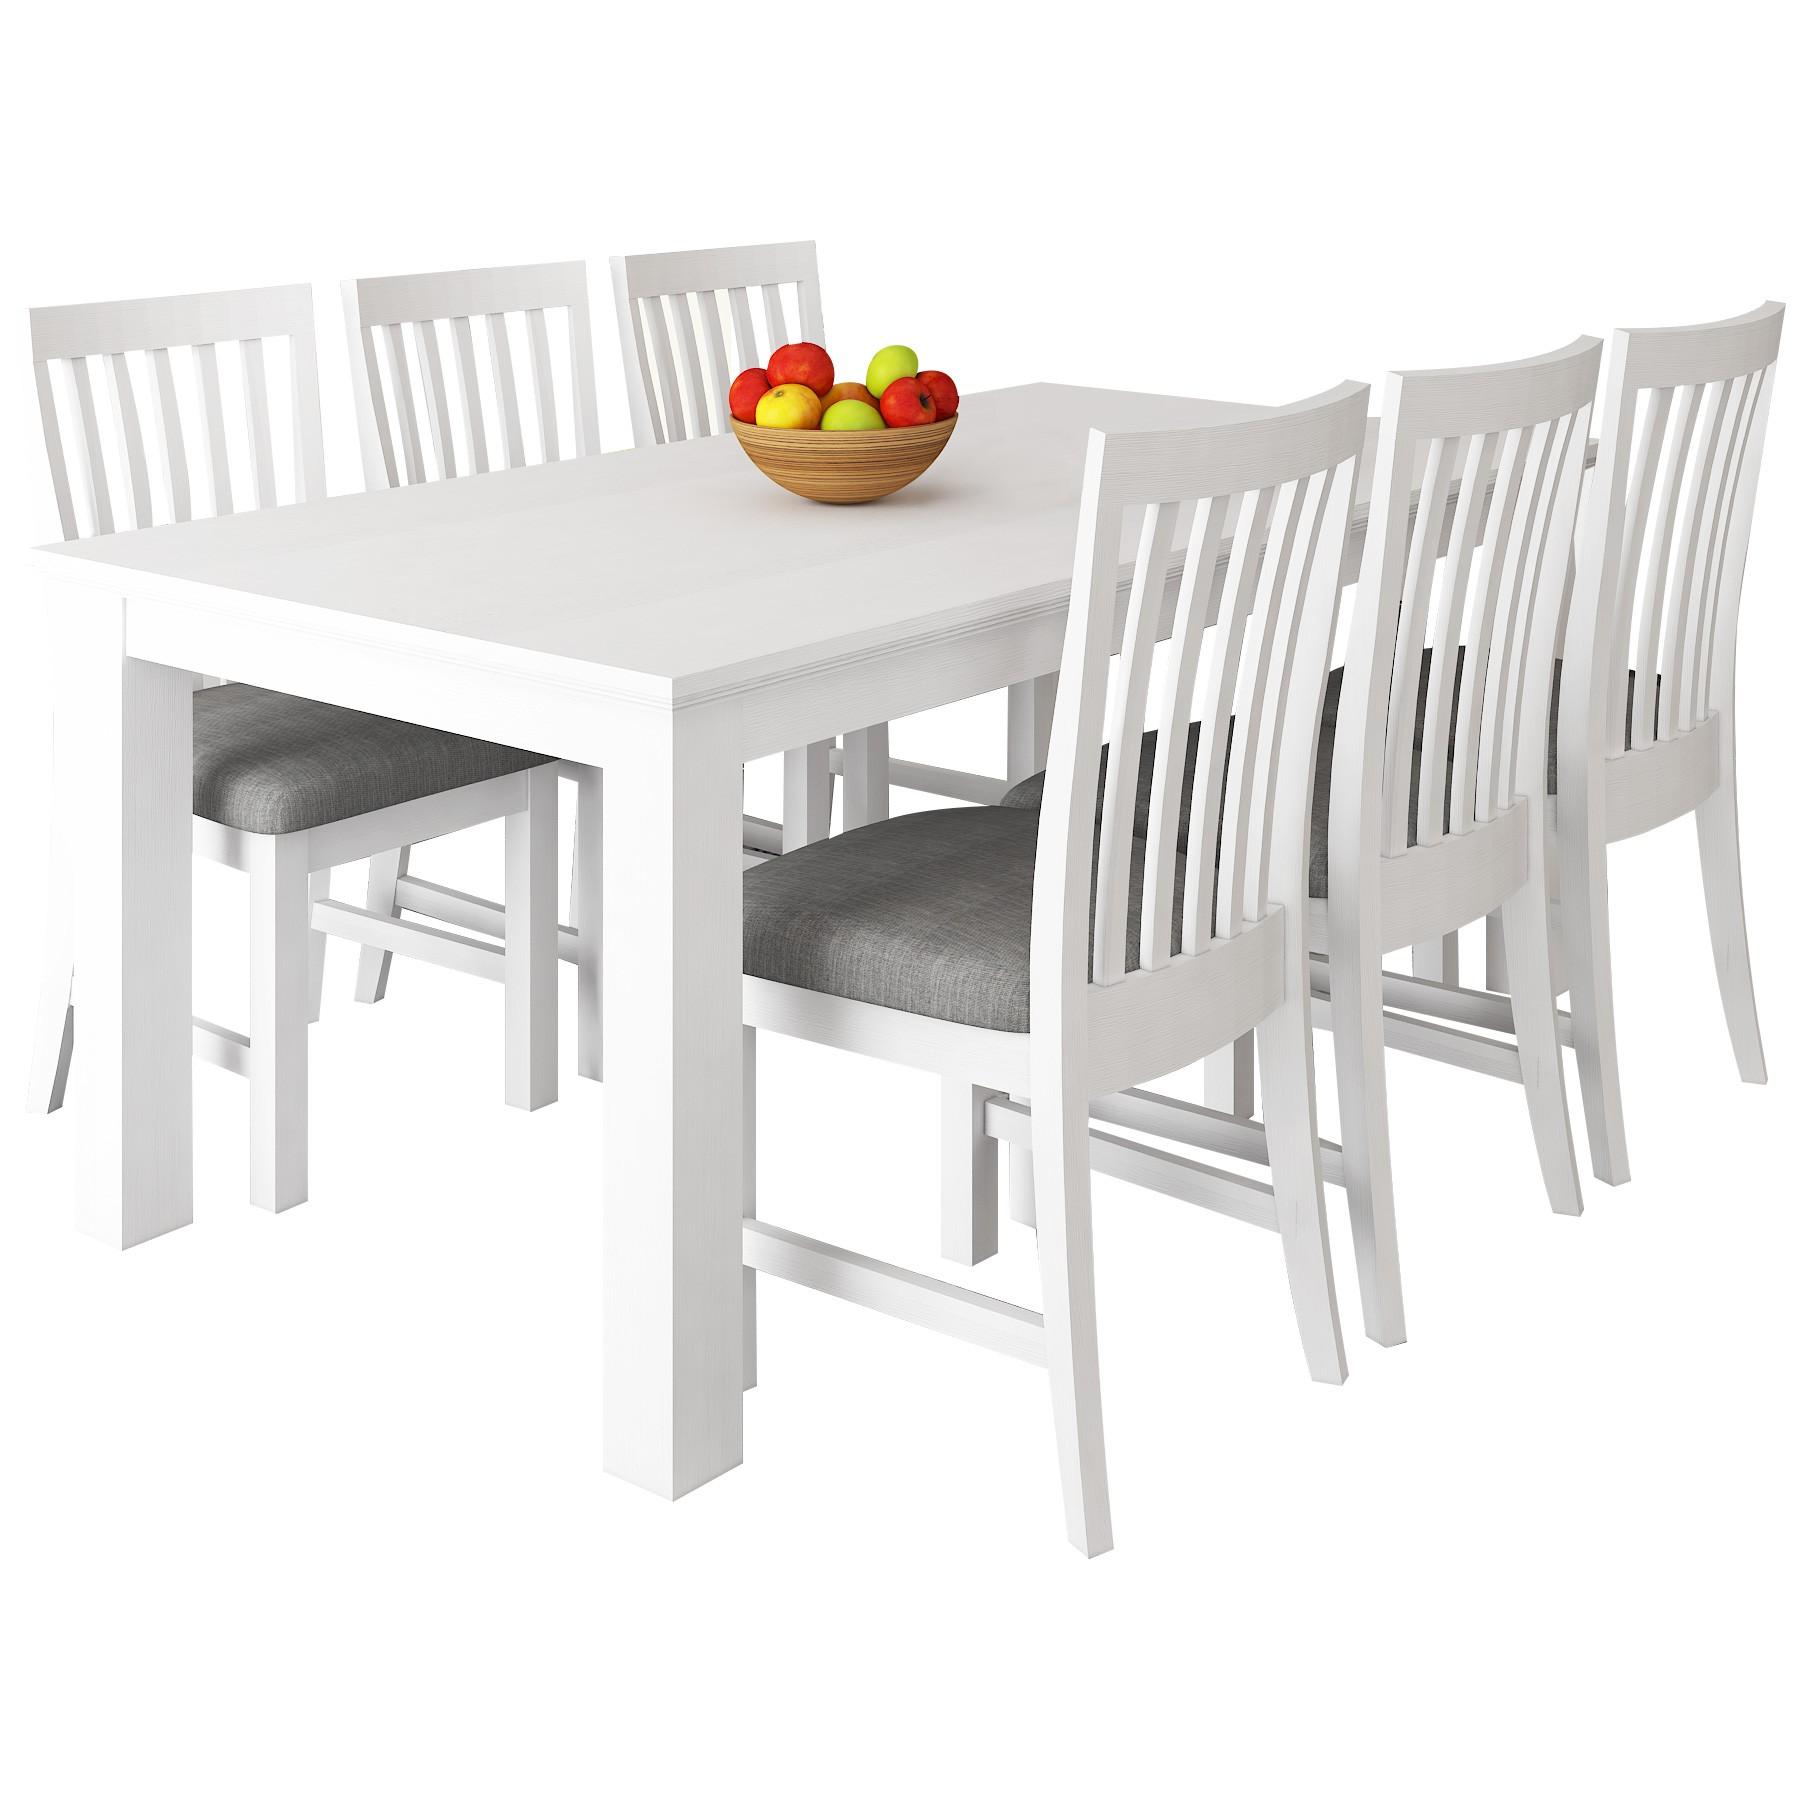 Narellan 7 Piece Acacia Timber Dining Table Set, 180cm